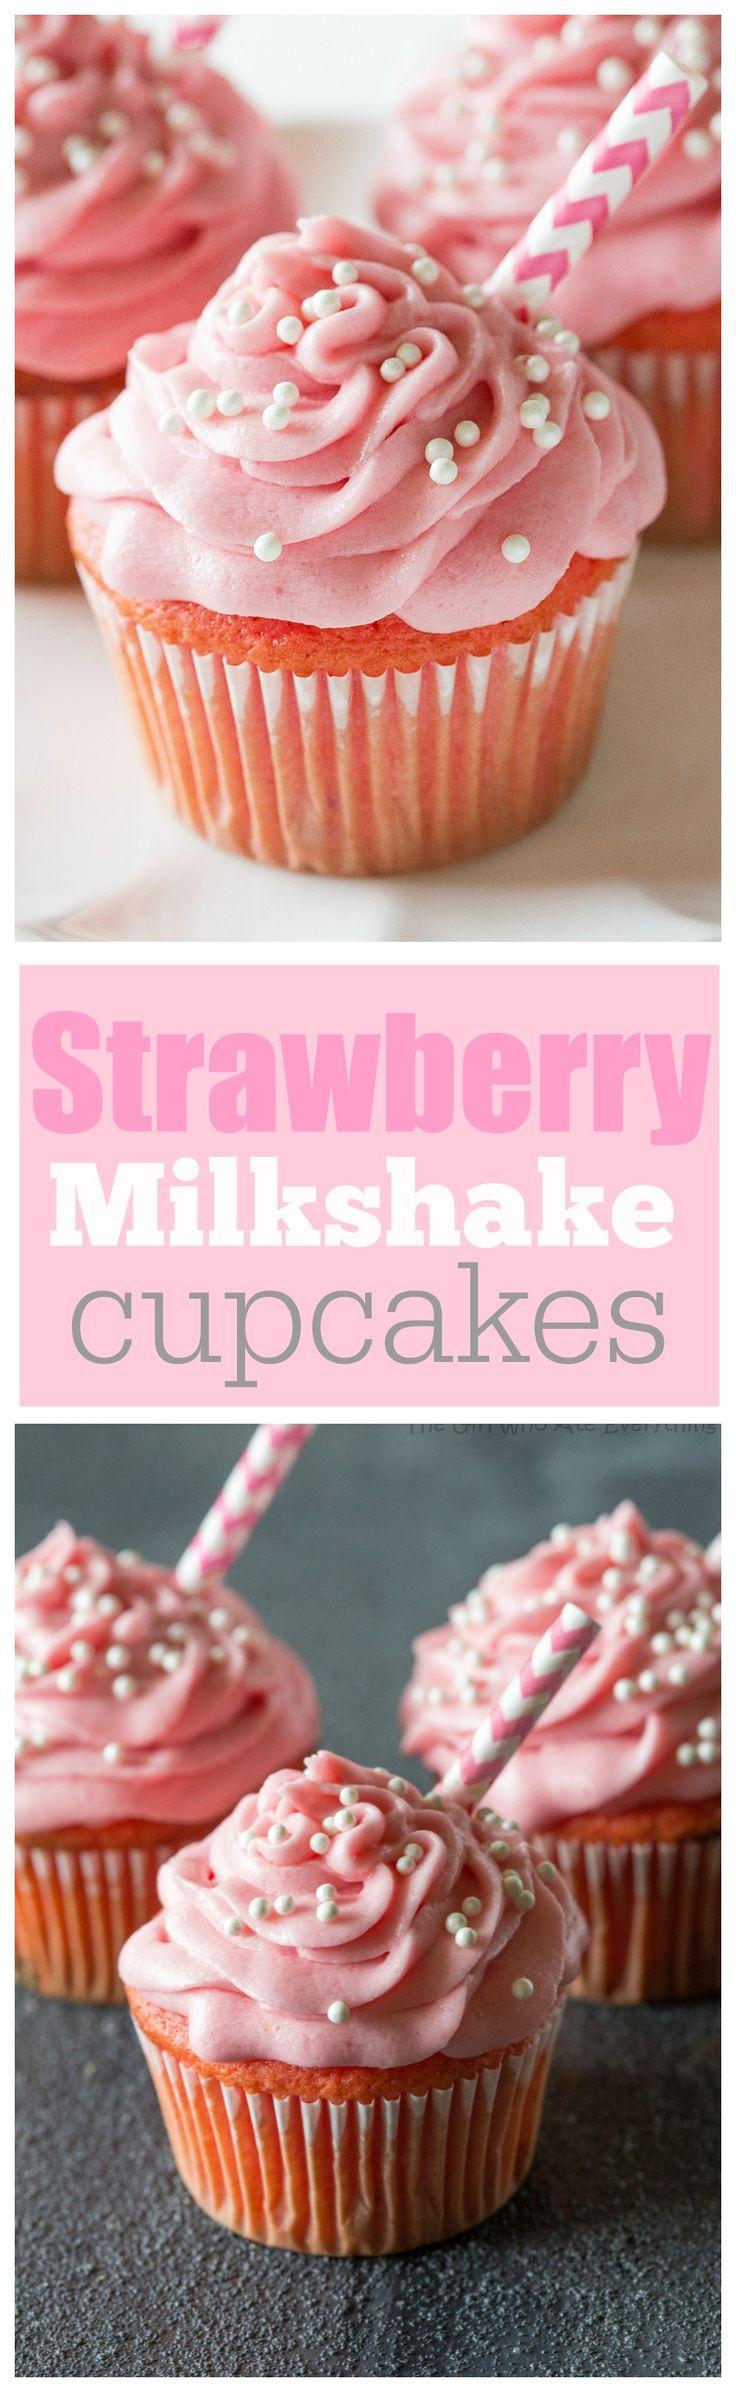 Batido da morango Cupcakes - rebentar com sabor de morango e tão macio! the-girl-who-ate-everything.com